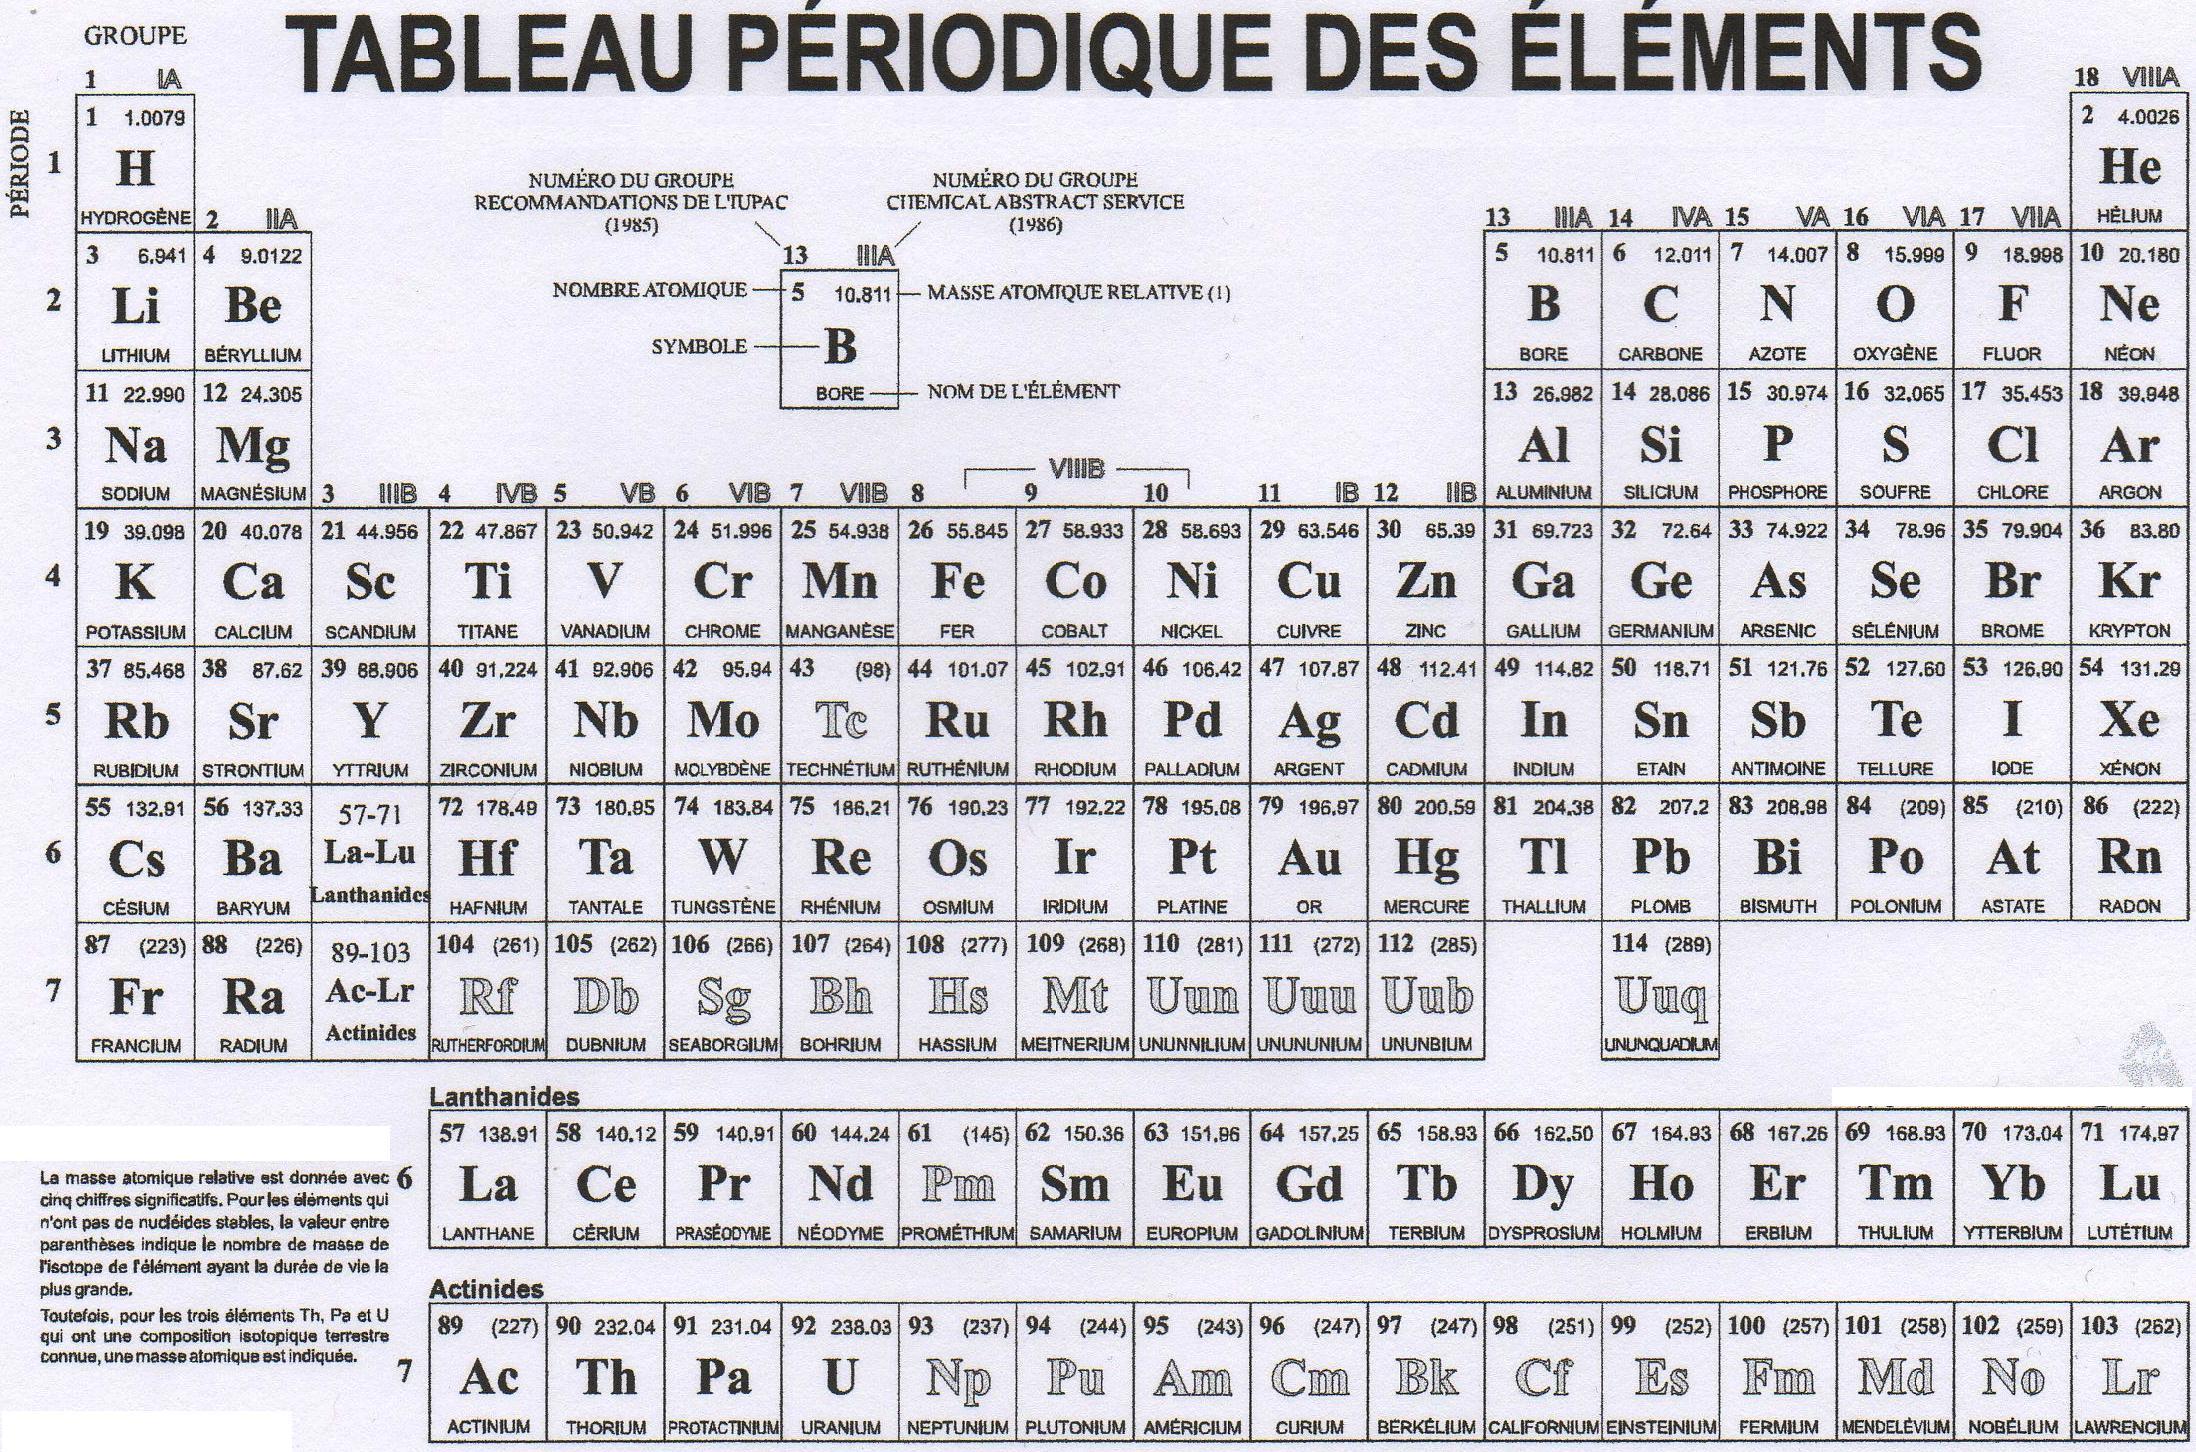 Tableau_periodique_des_elements.jpg